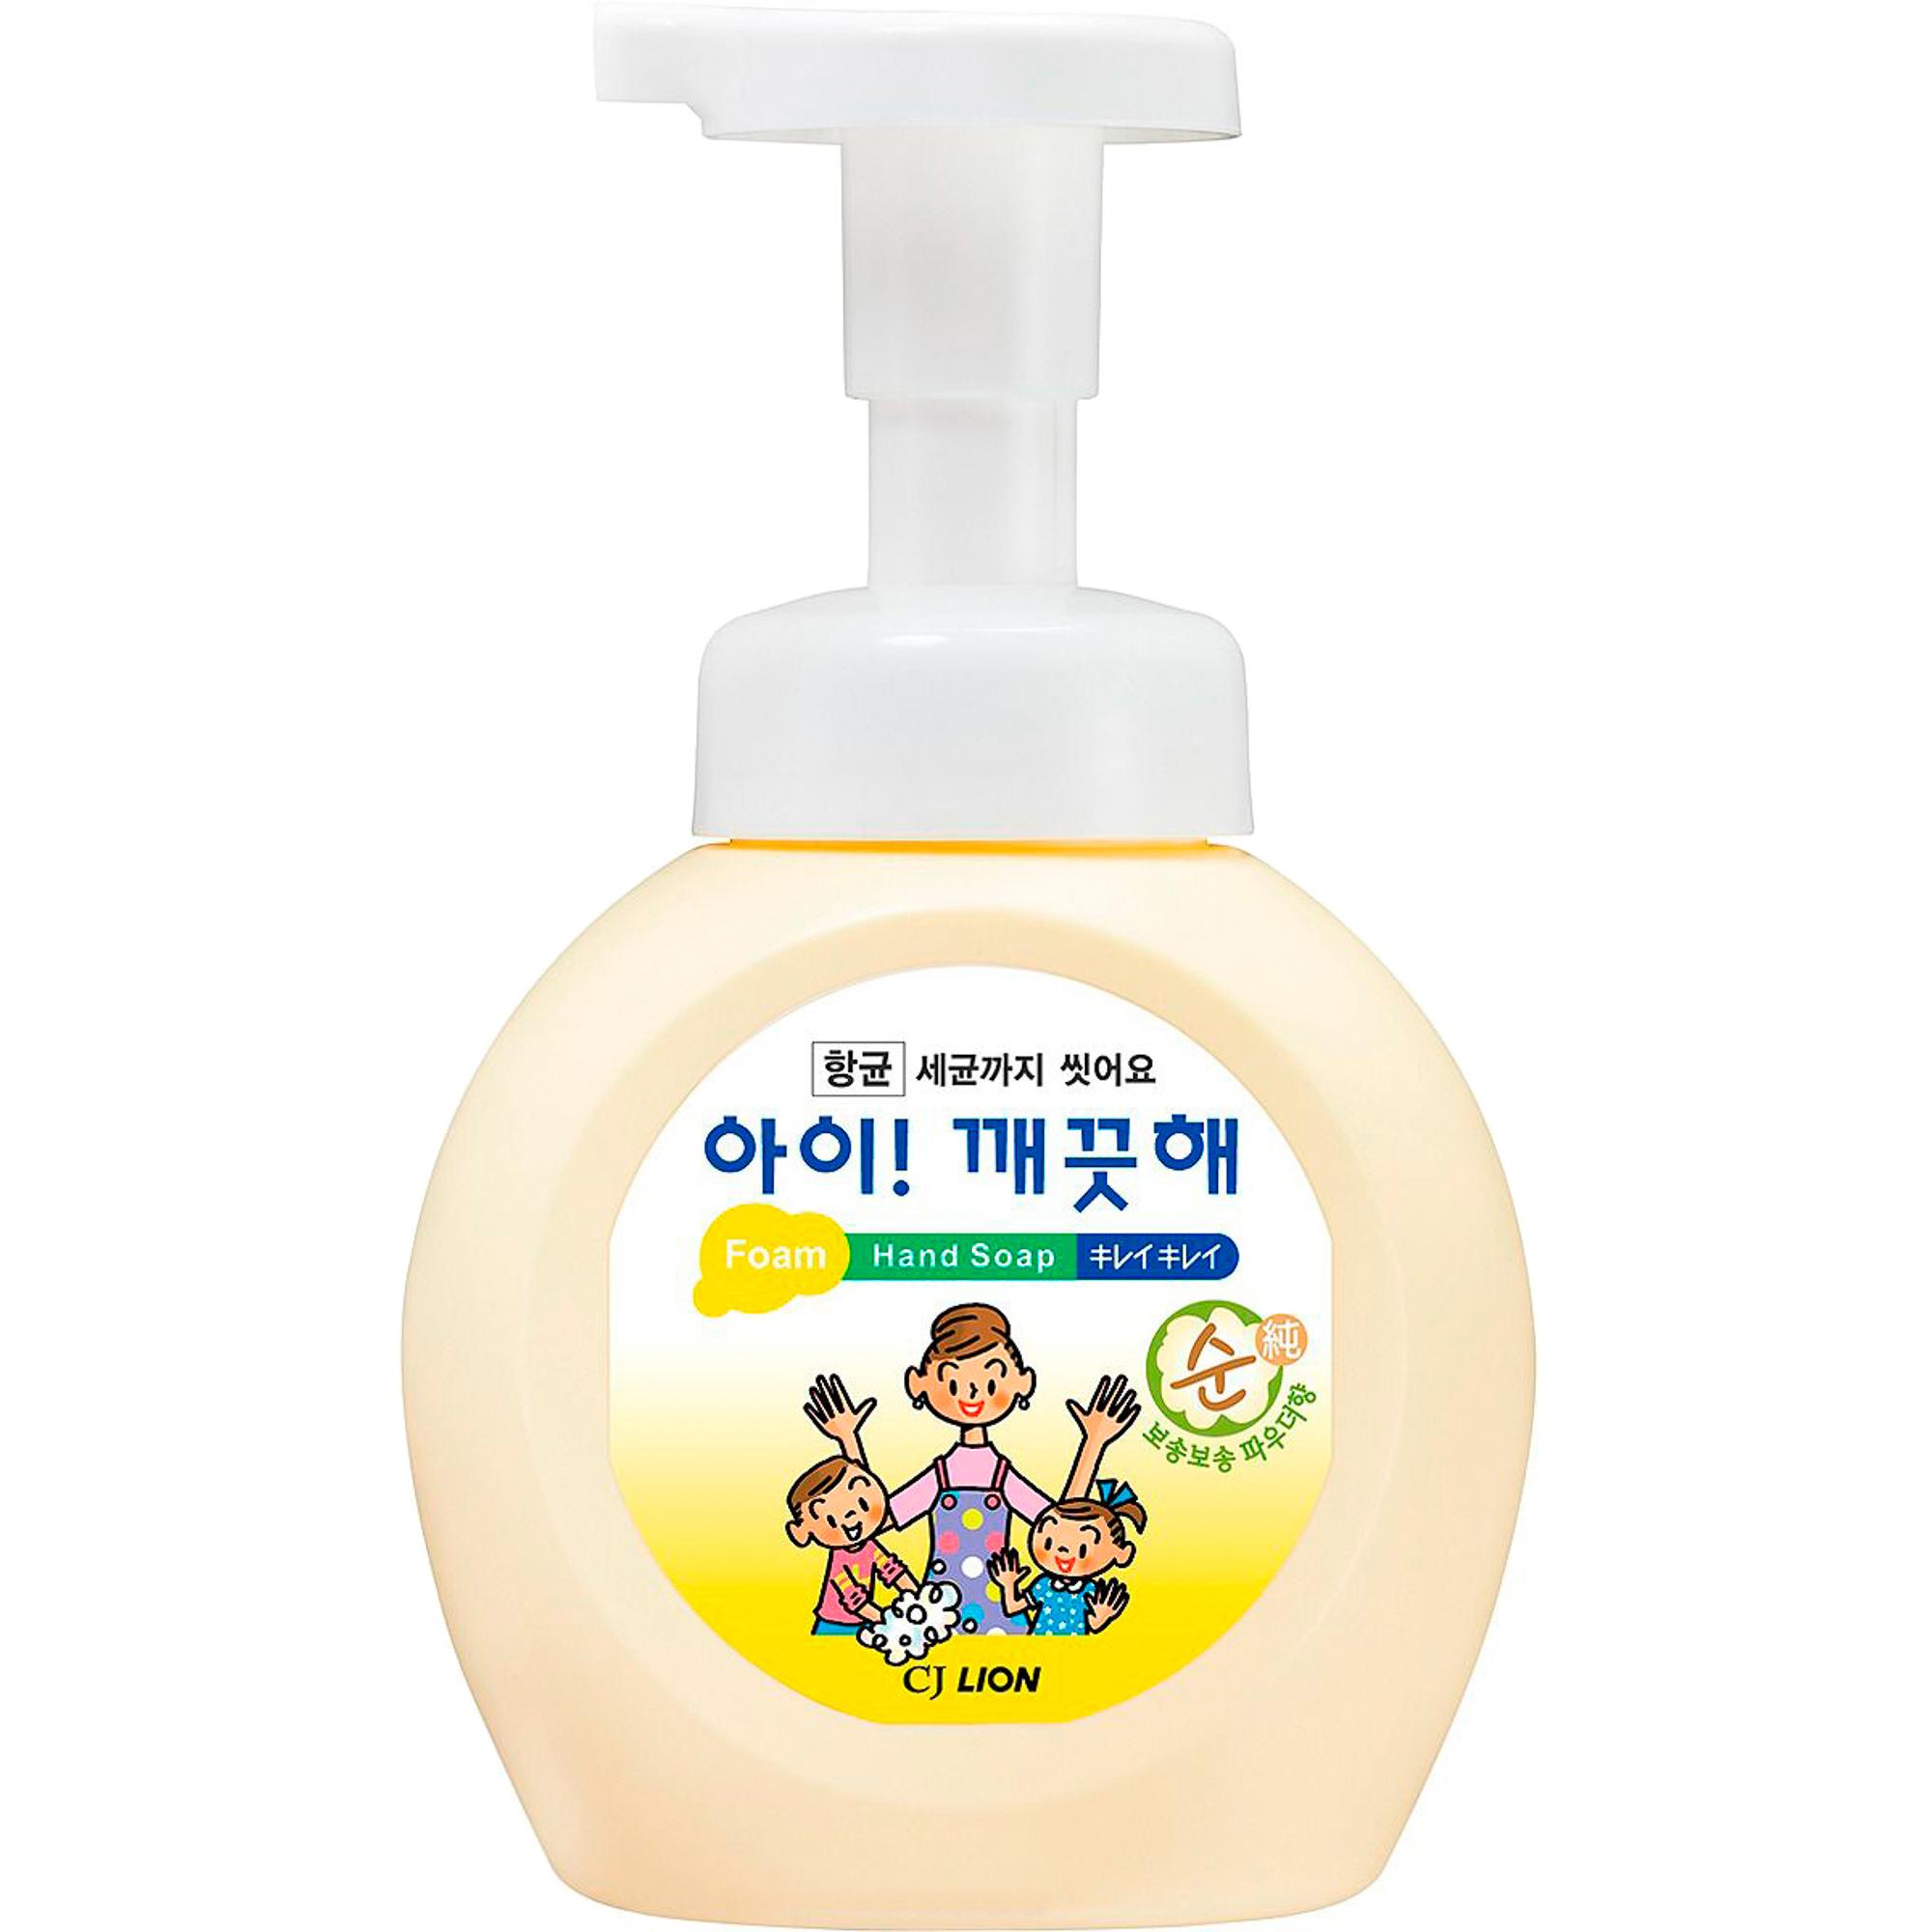 Мыло пенное для рук CJ Lion Ai-Kekute С антибактериальным эффектом 250 мл